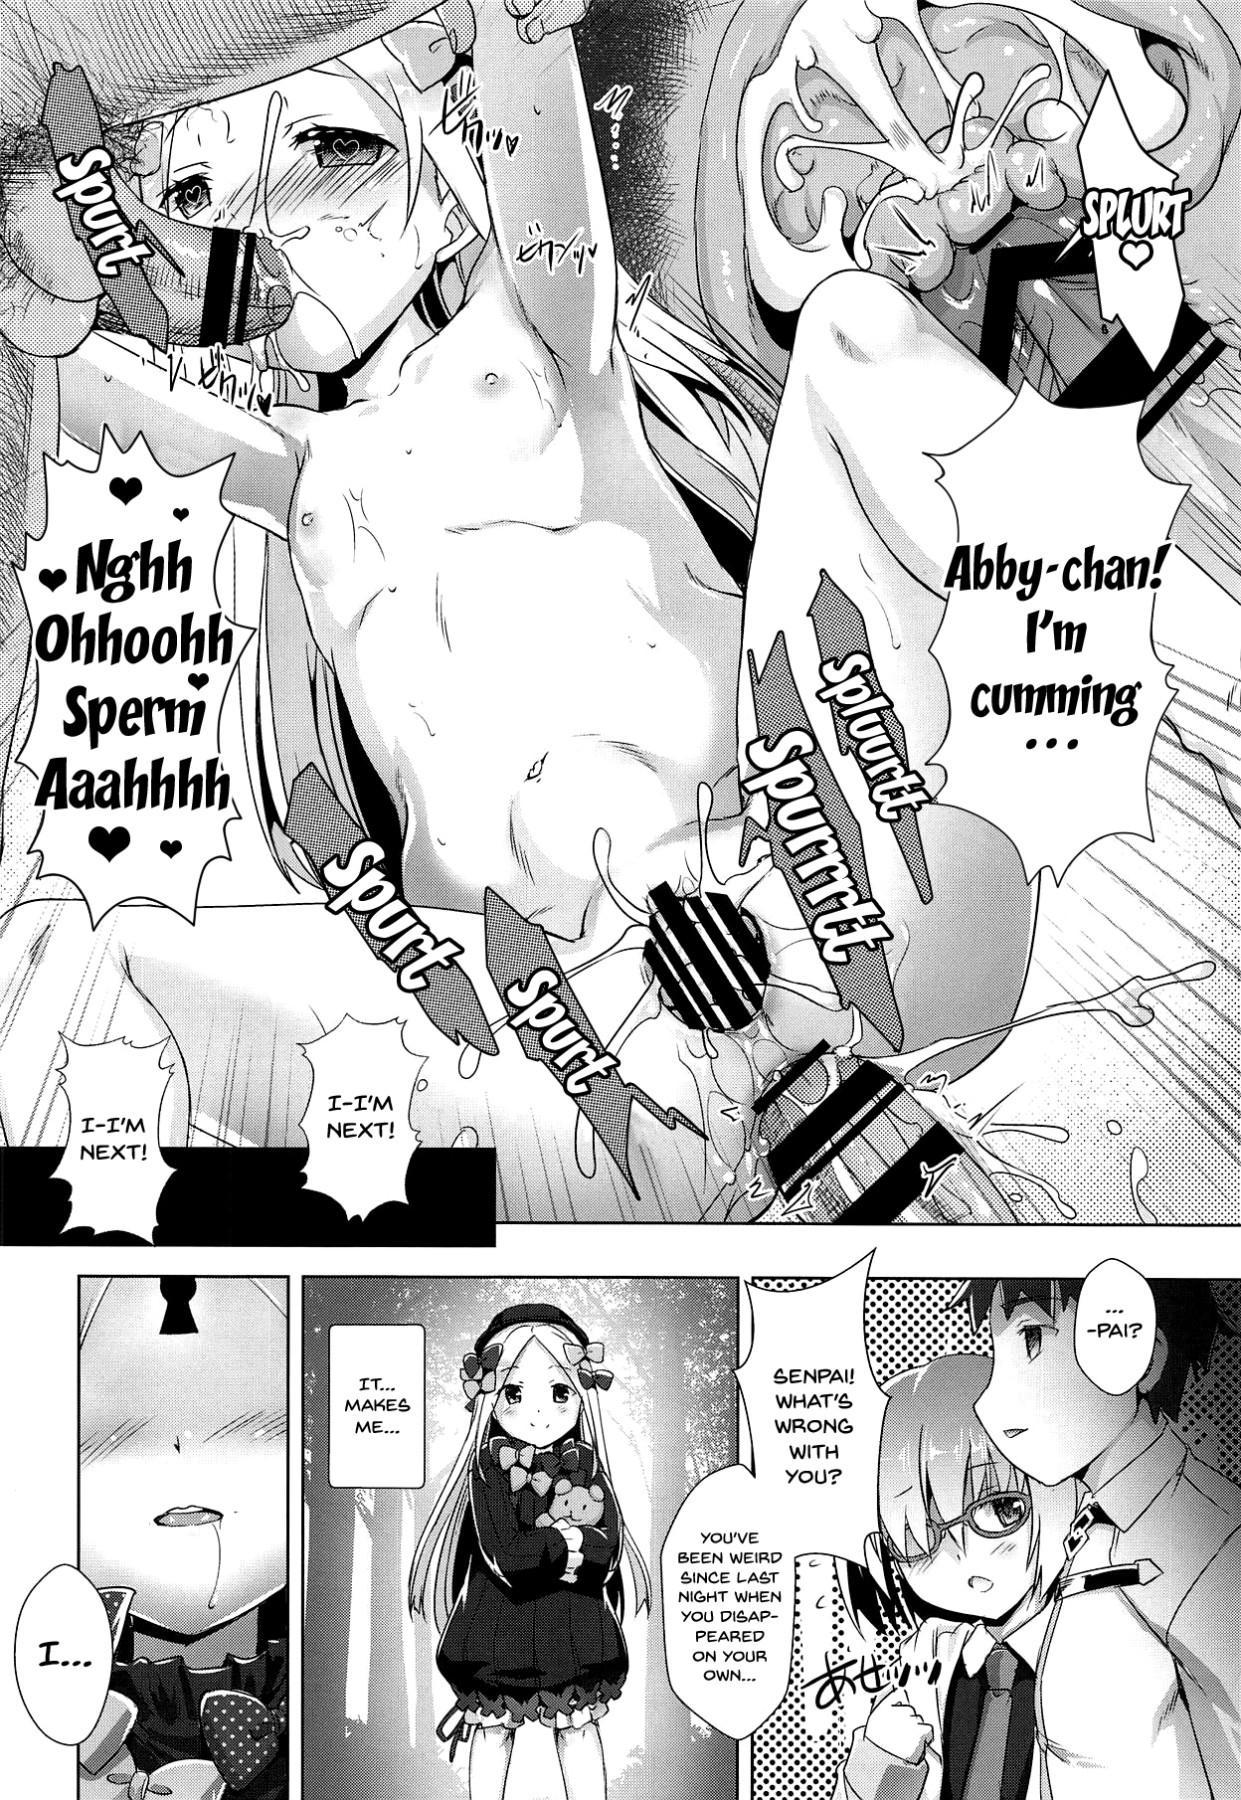 (C95) [Studio Rakkyou (Takase Yuu, Ashisyun)] Abby-chan Guilty - Abigail the Naughty girl (Fate/Grand Order) [English] {Doujins.com} 12